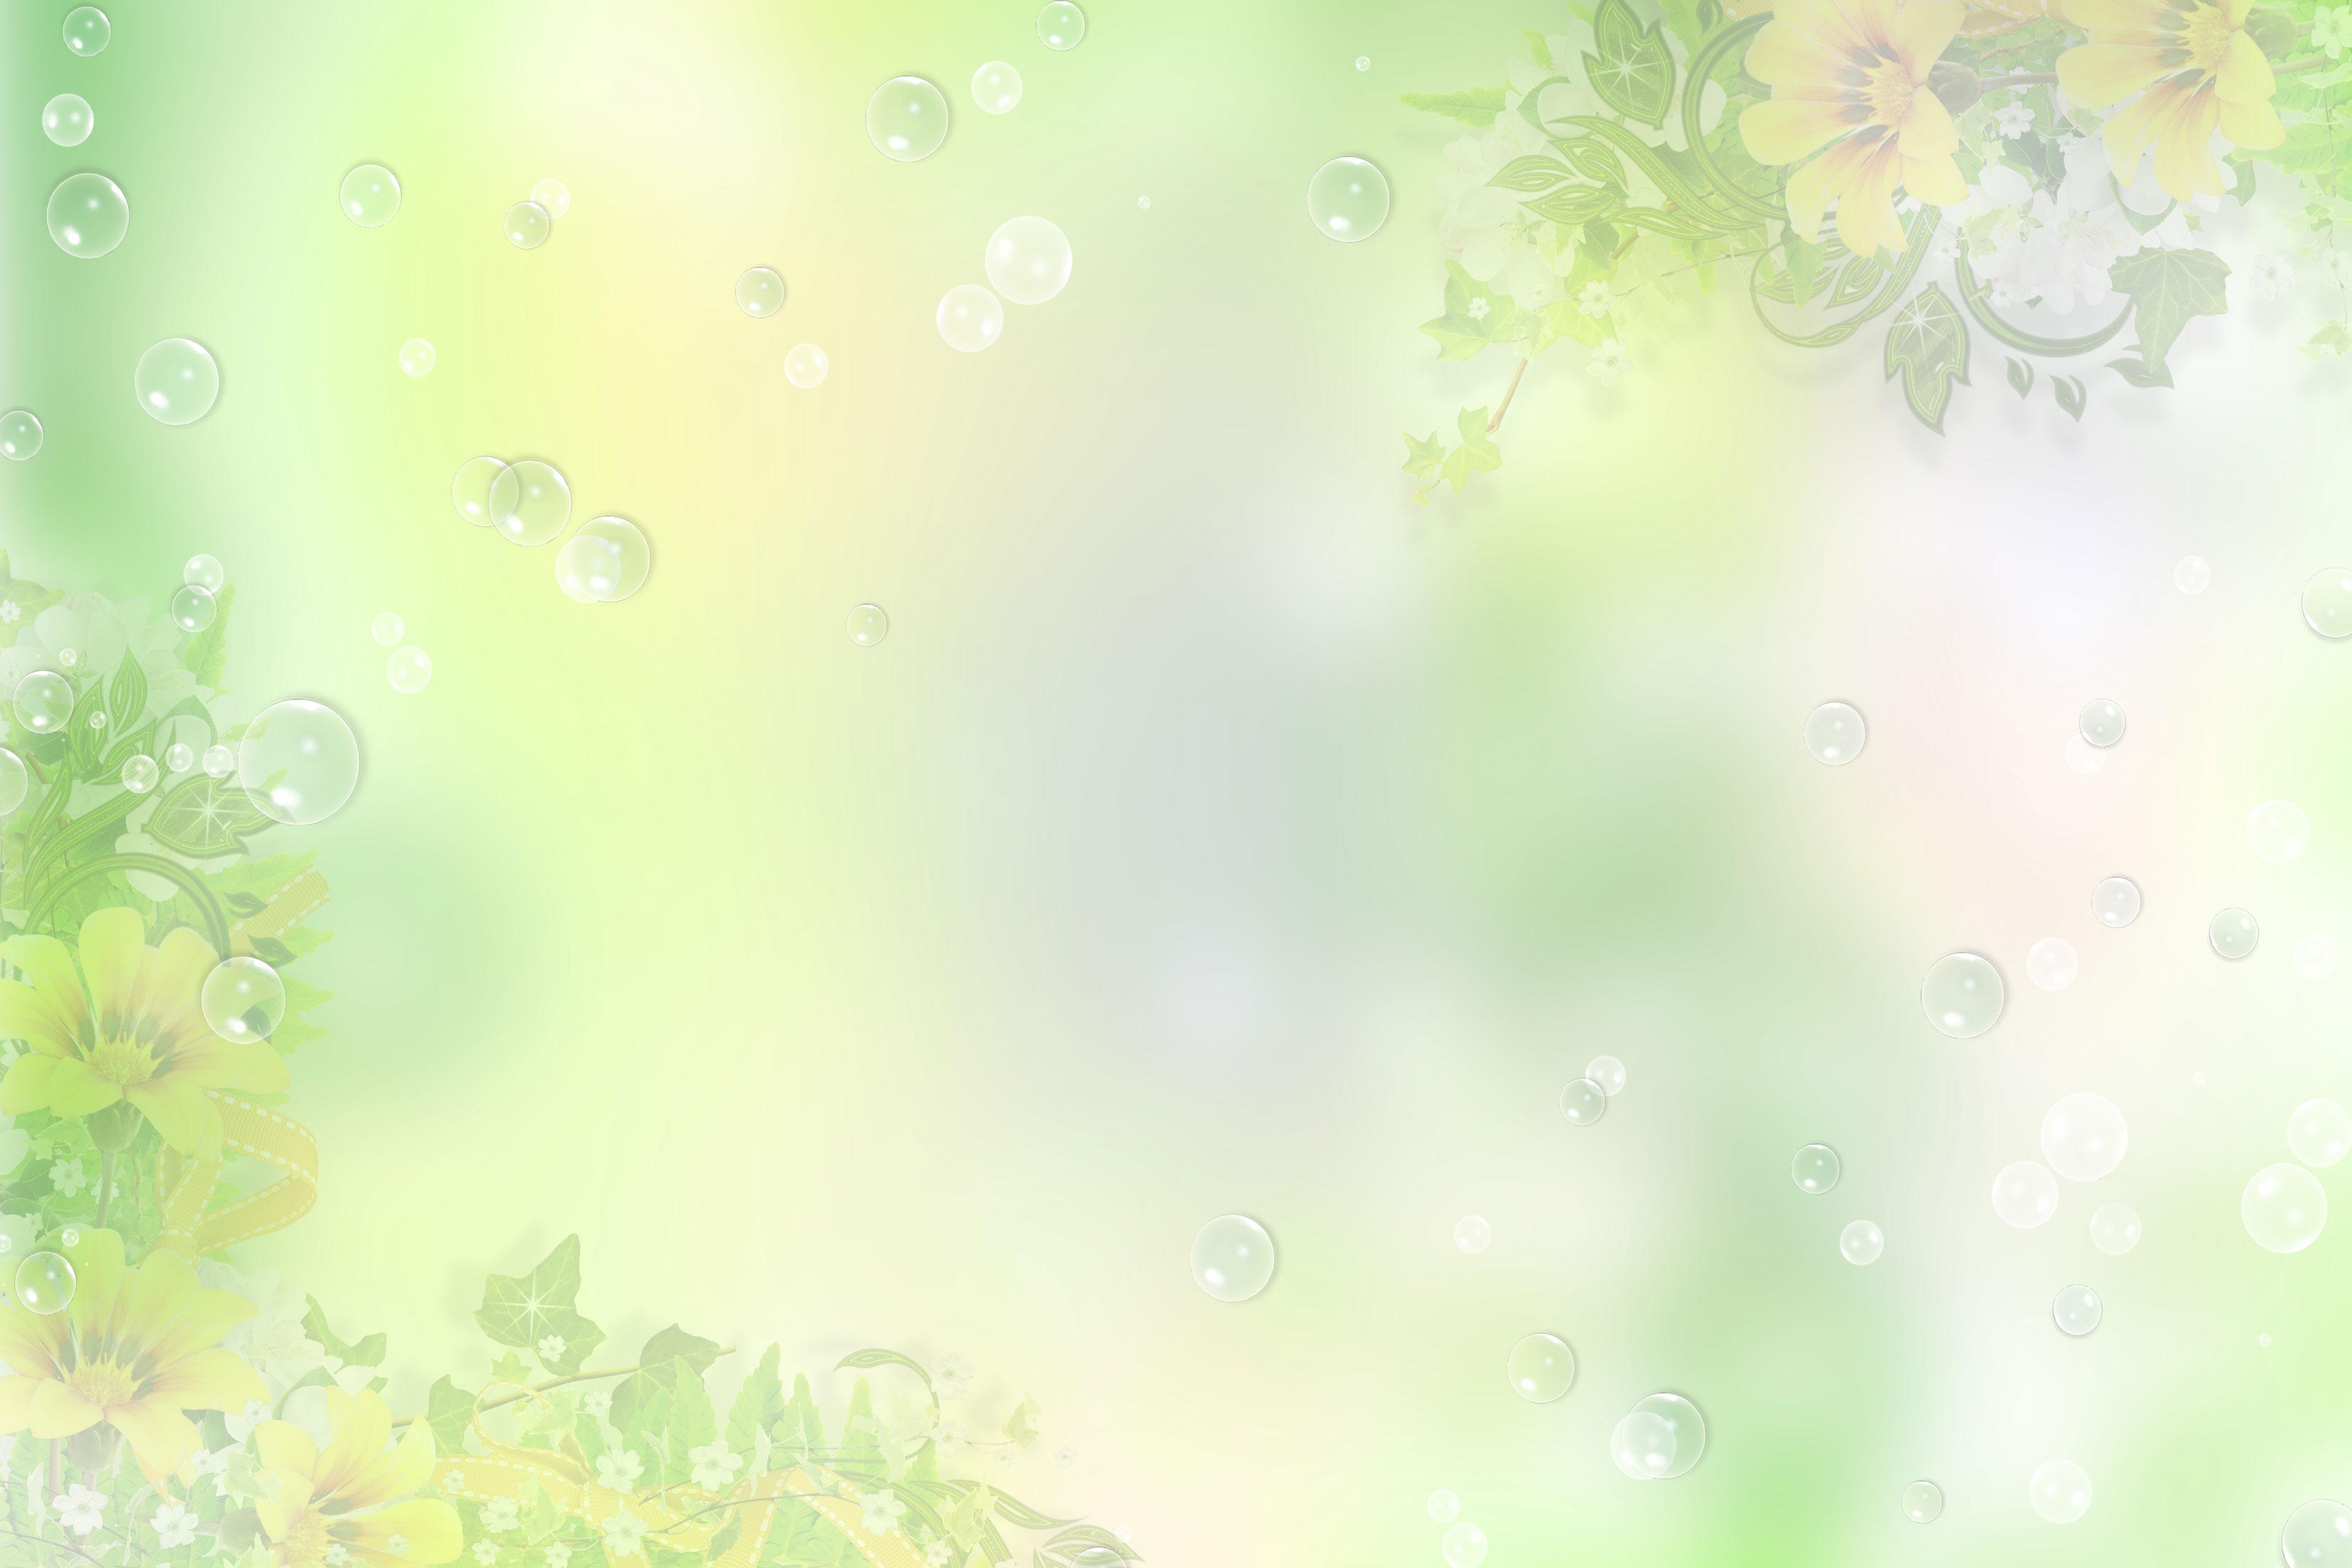 花のイラスト・フリー素材/壁紙・背景no.066『淡い色彩・緑・シャボン』